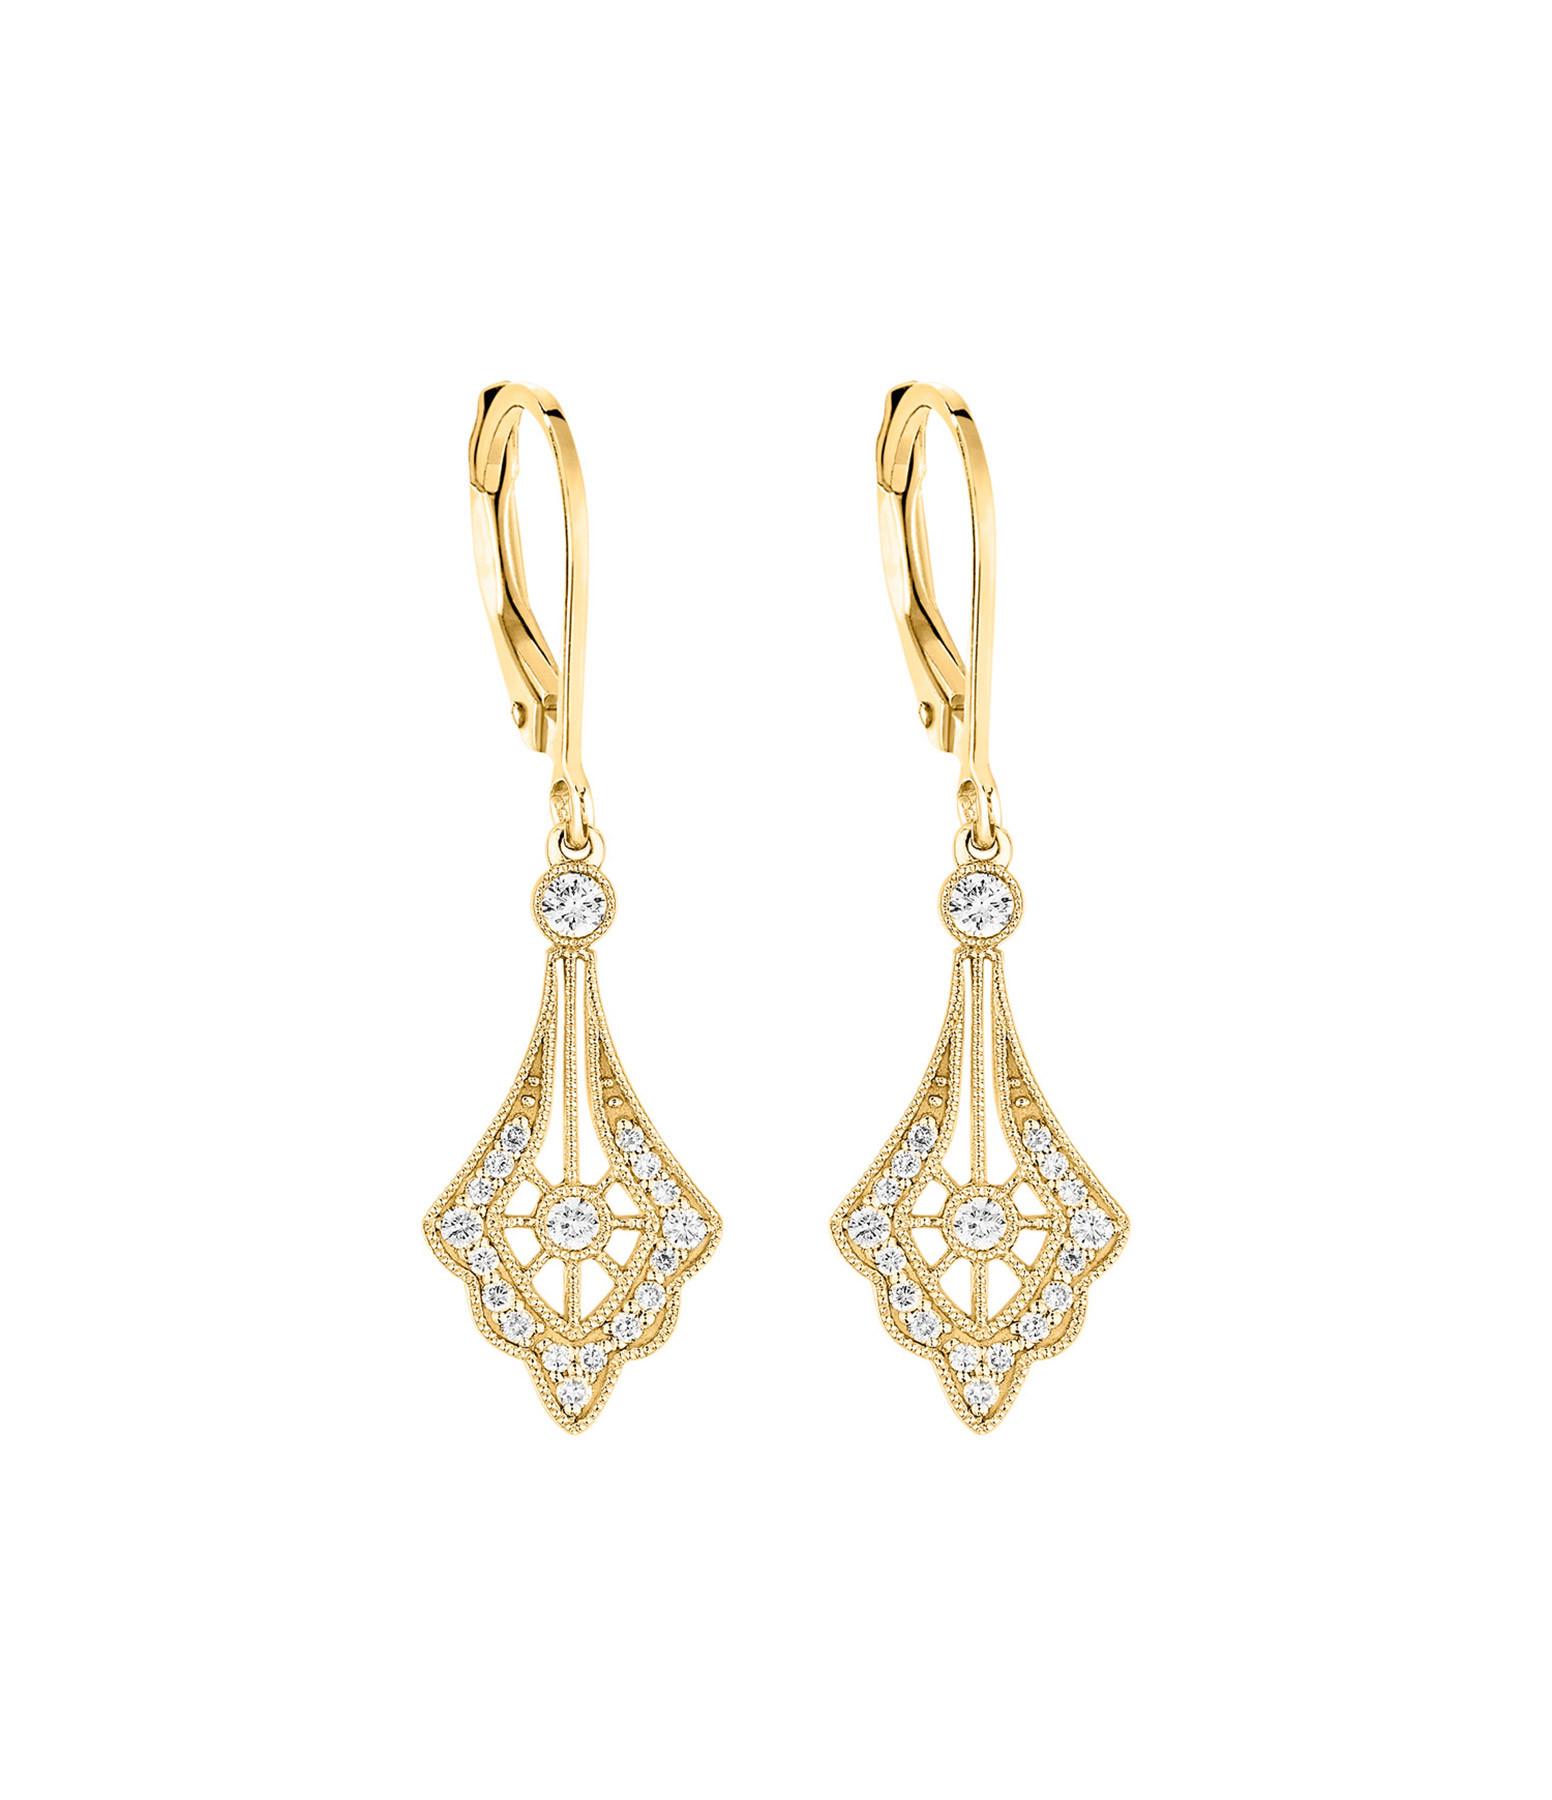 STONE PARIS - Boucles d'oreilles Dormeuses Belle Epoque Or Diamants